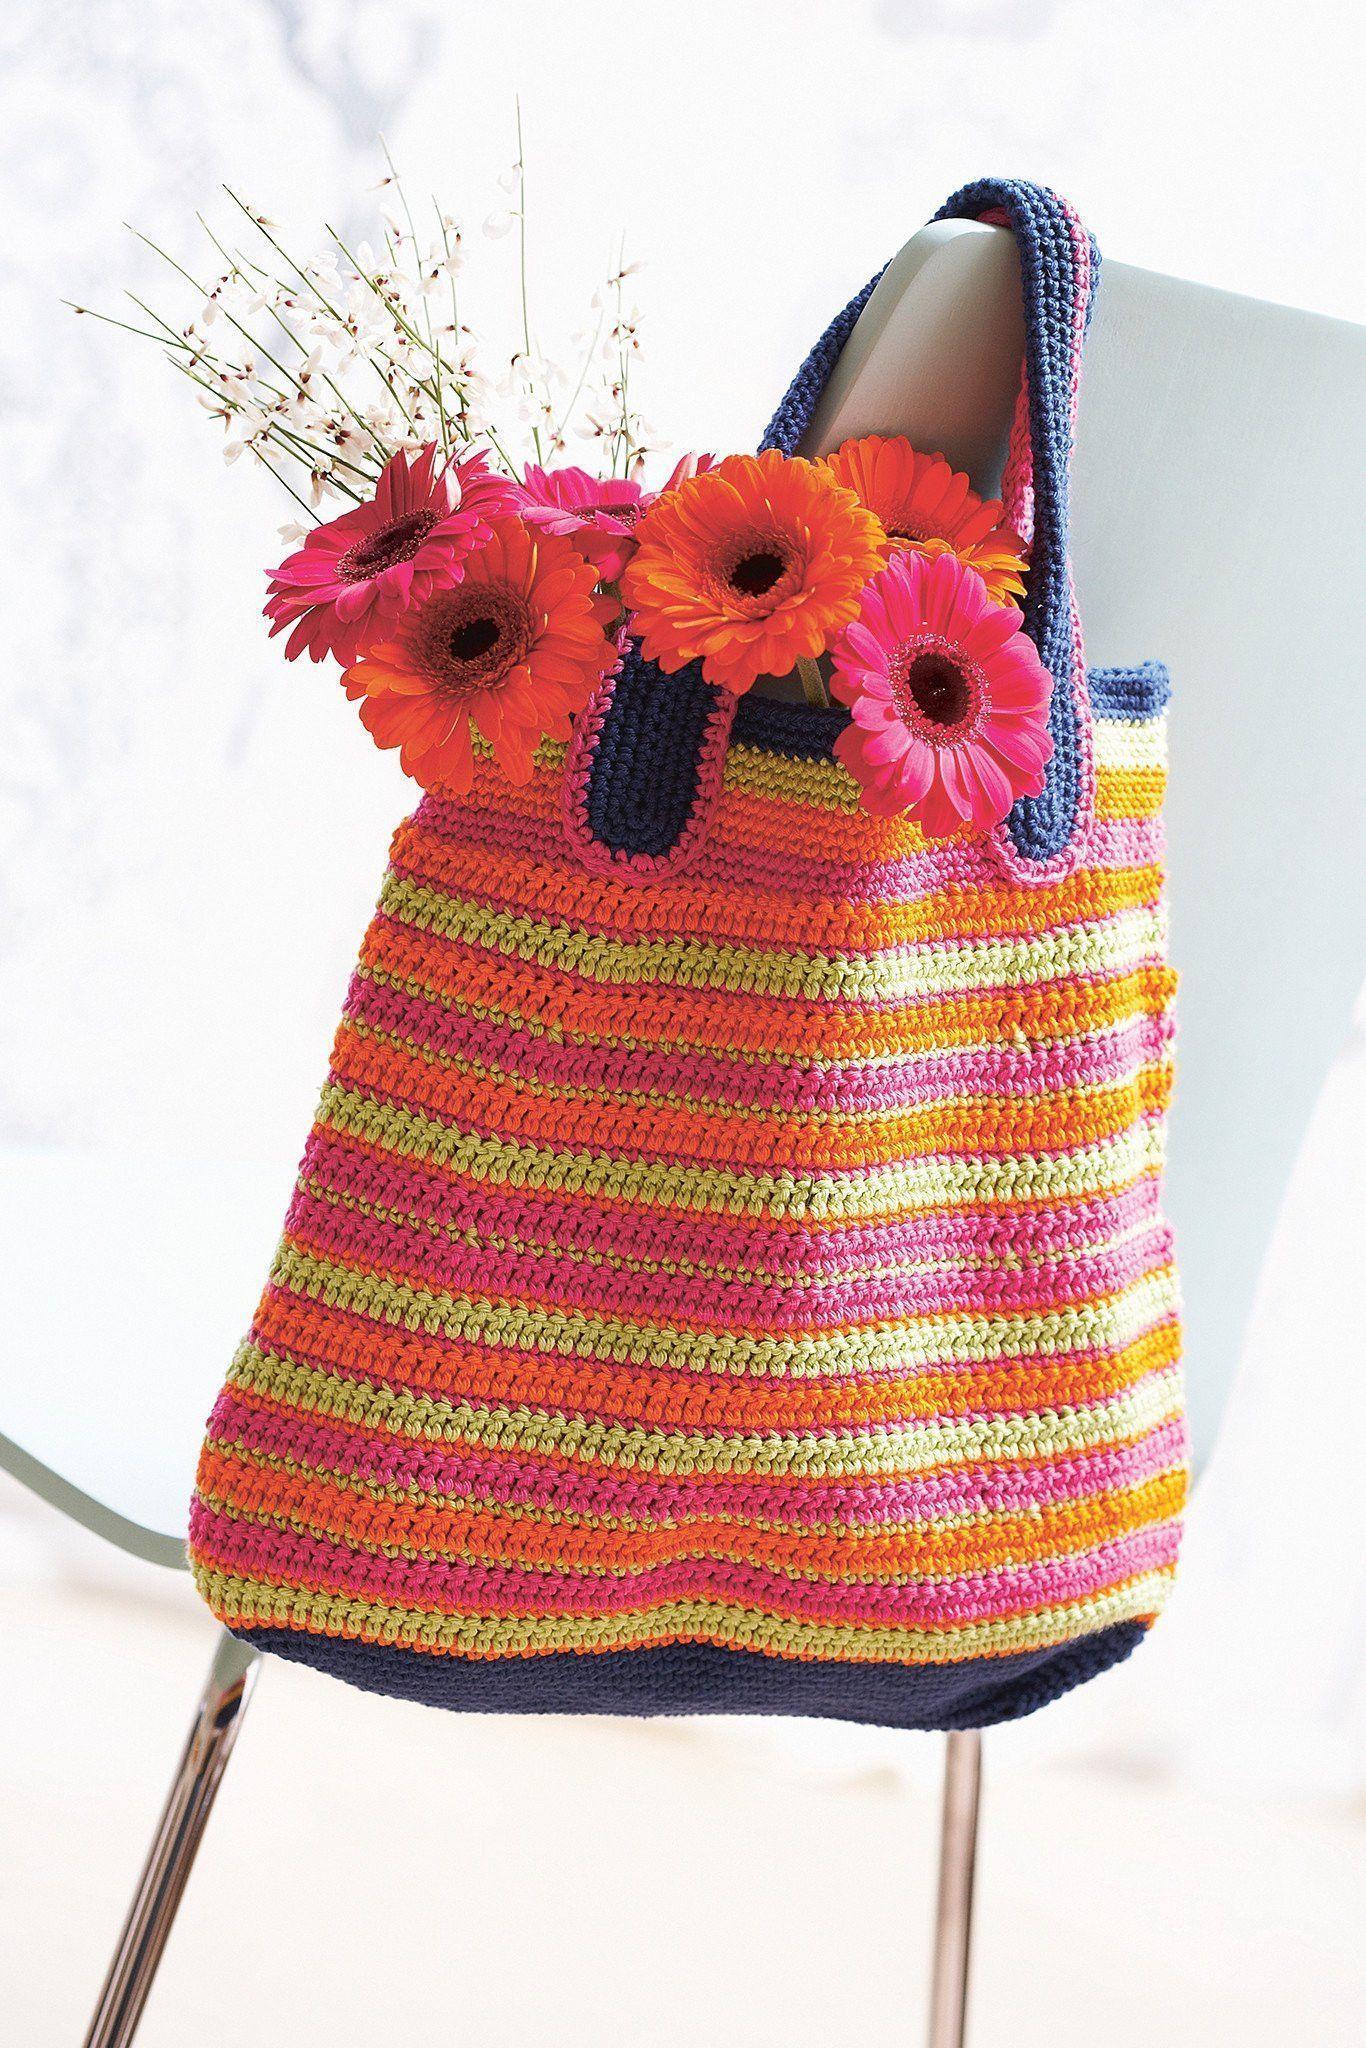 Striped Shopping Bag Crochet Pattern 1 7f03e957 709c 48db bb25 fb6a6080fbb5